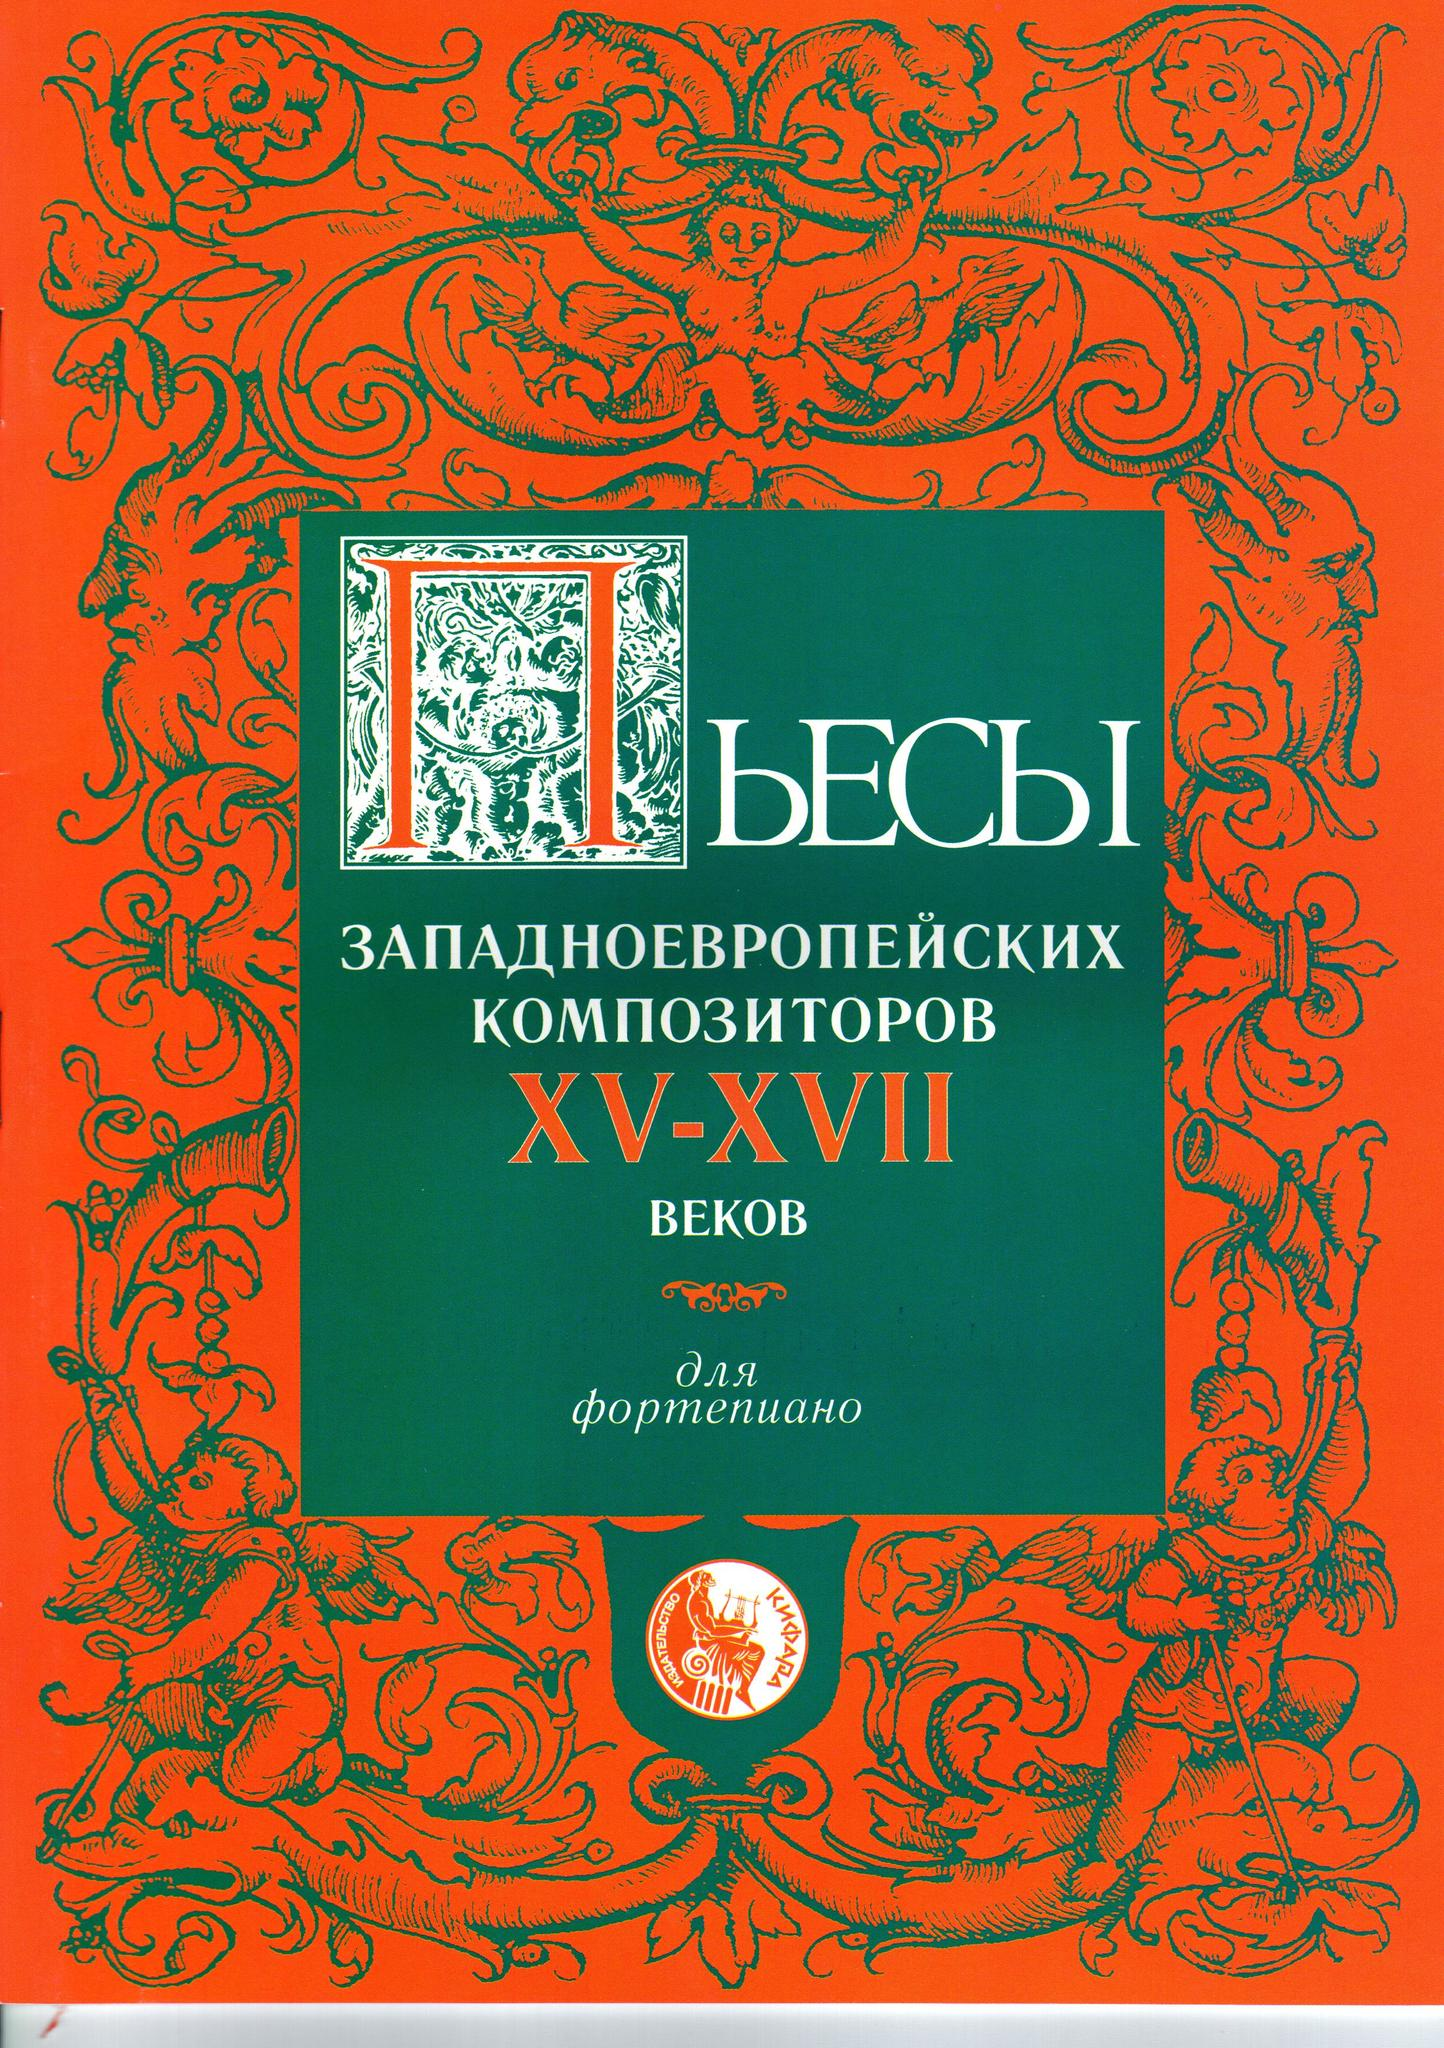 Пьесы западноевропейских композиторов XVI-XVII вв.